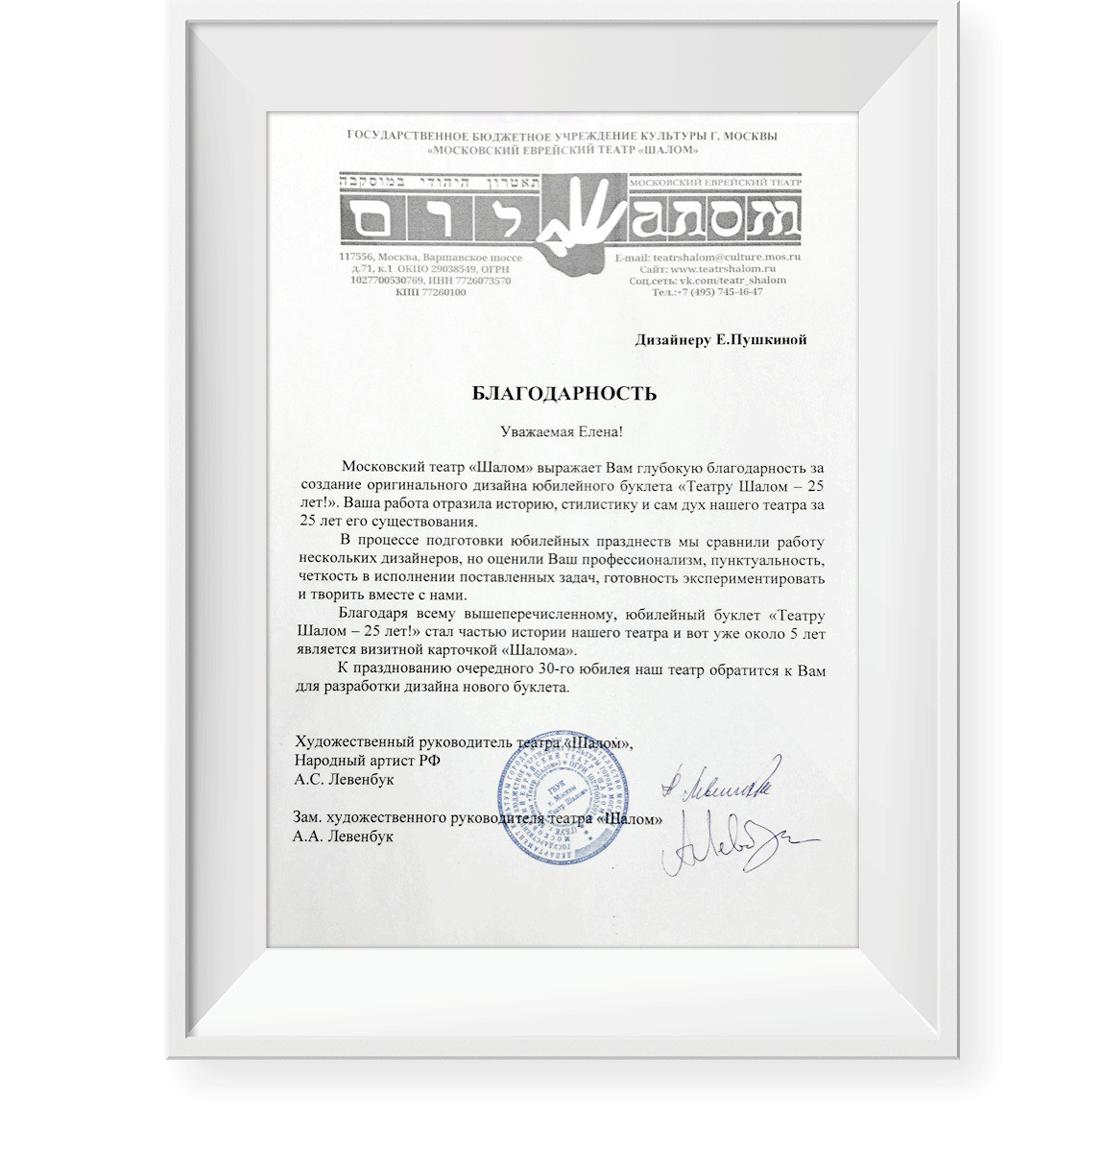 Московский еврейский театр «Шалом» Рекомендации